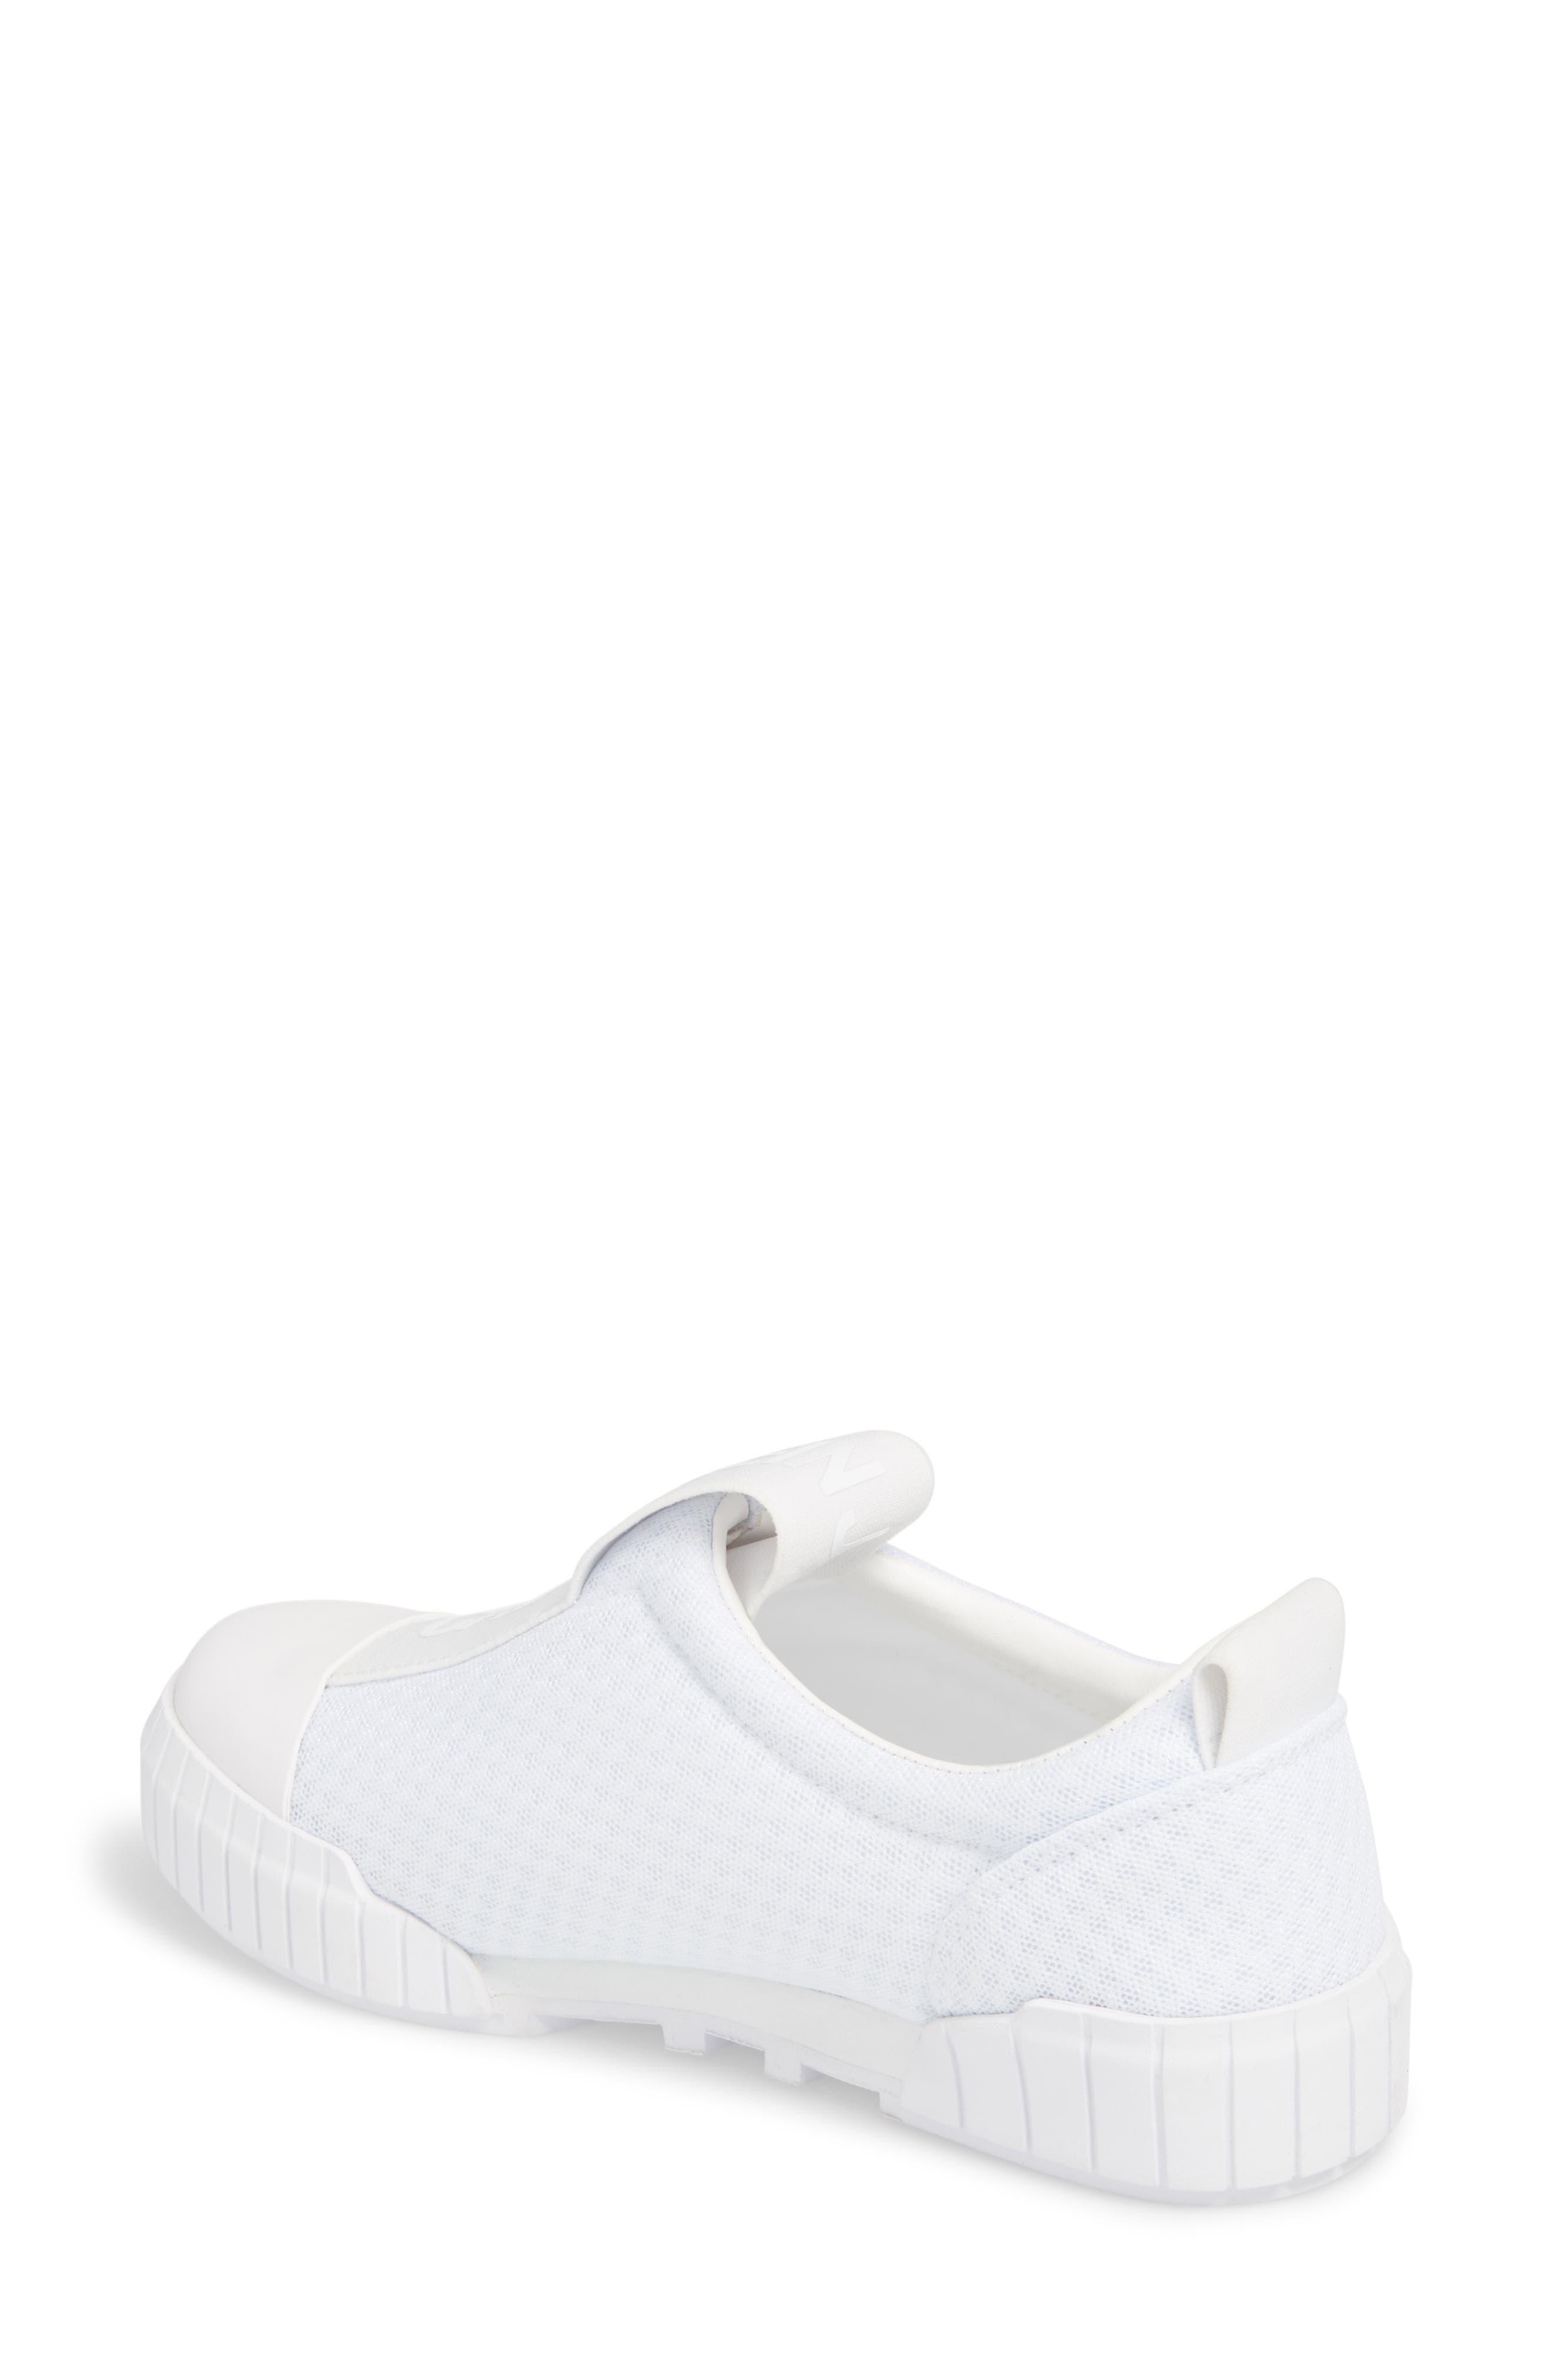 Bamina Slip-On Sneaker,                             Alternate thumbnail 2, color,                             WHITE